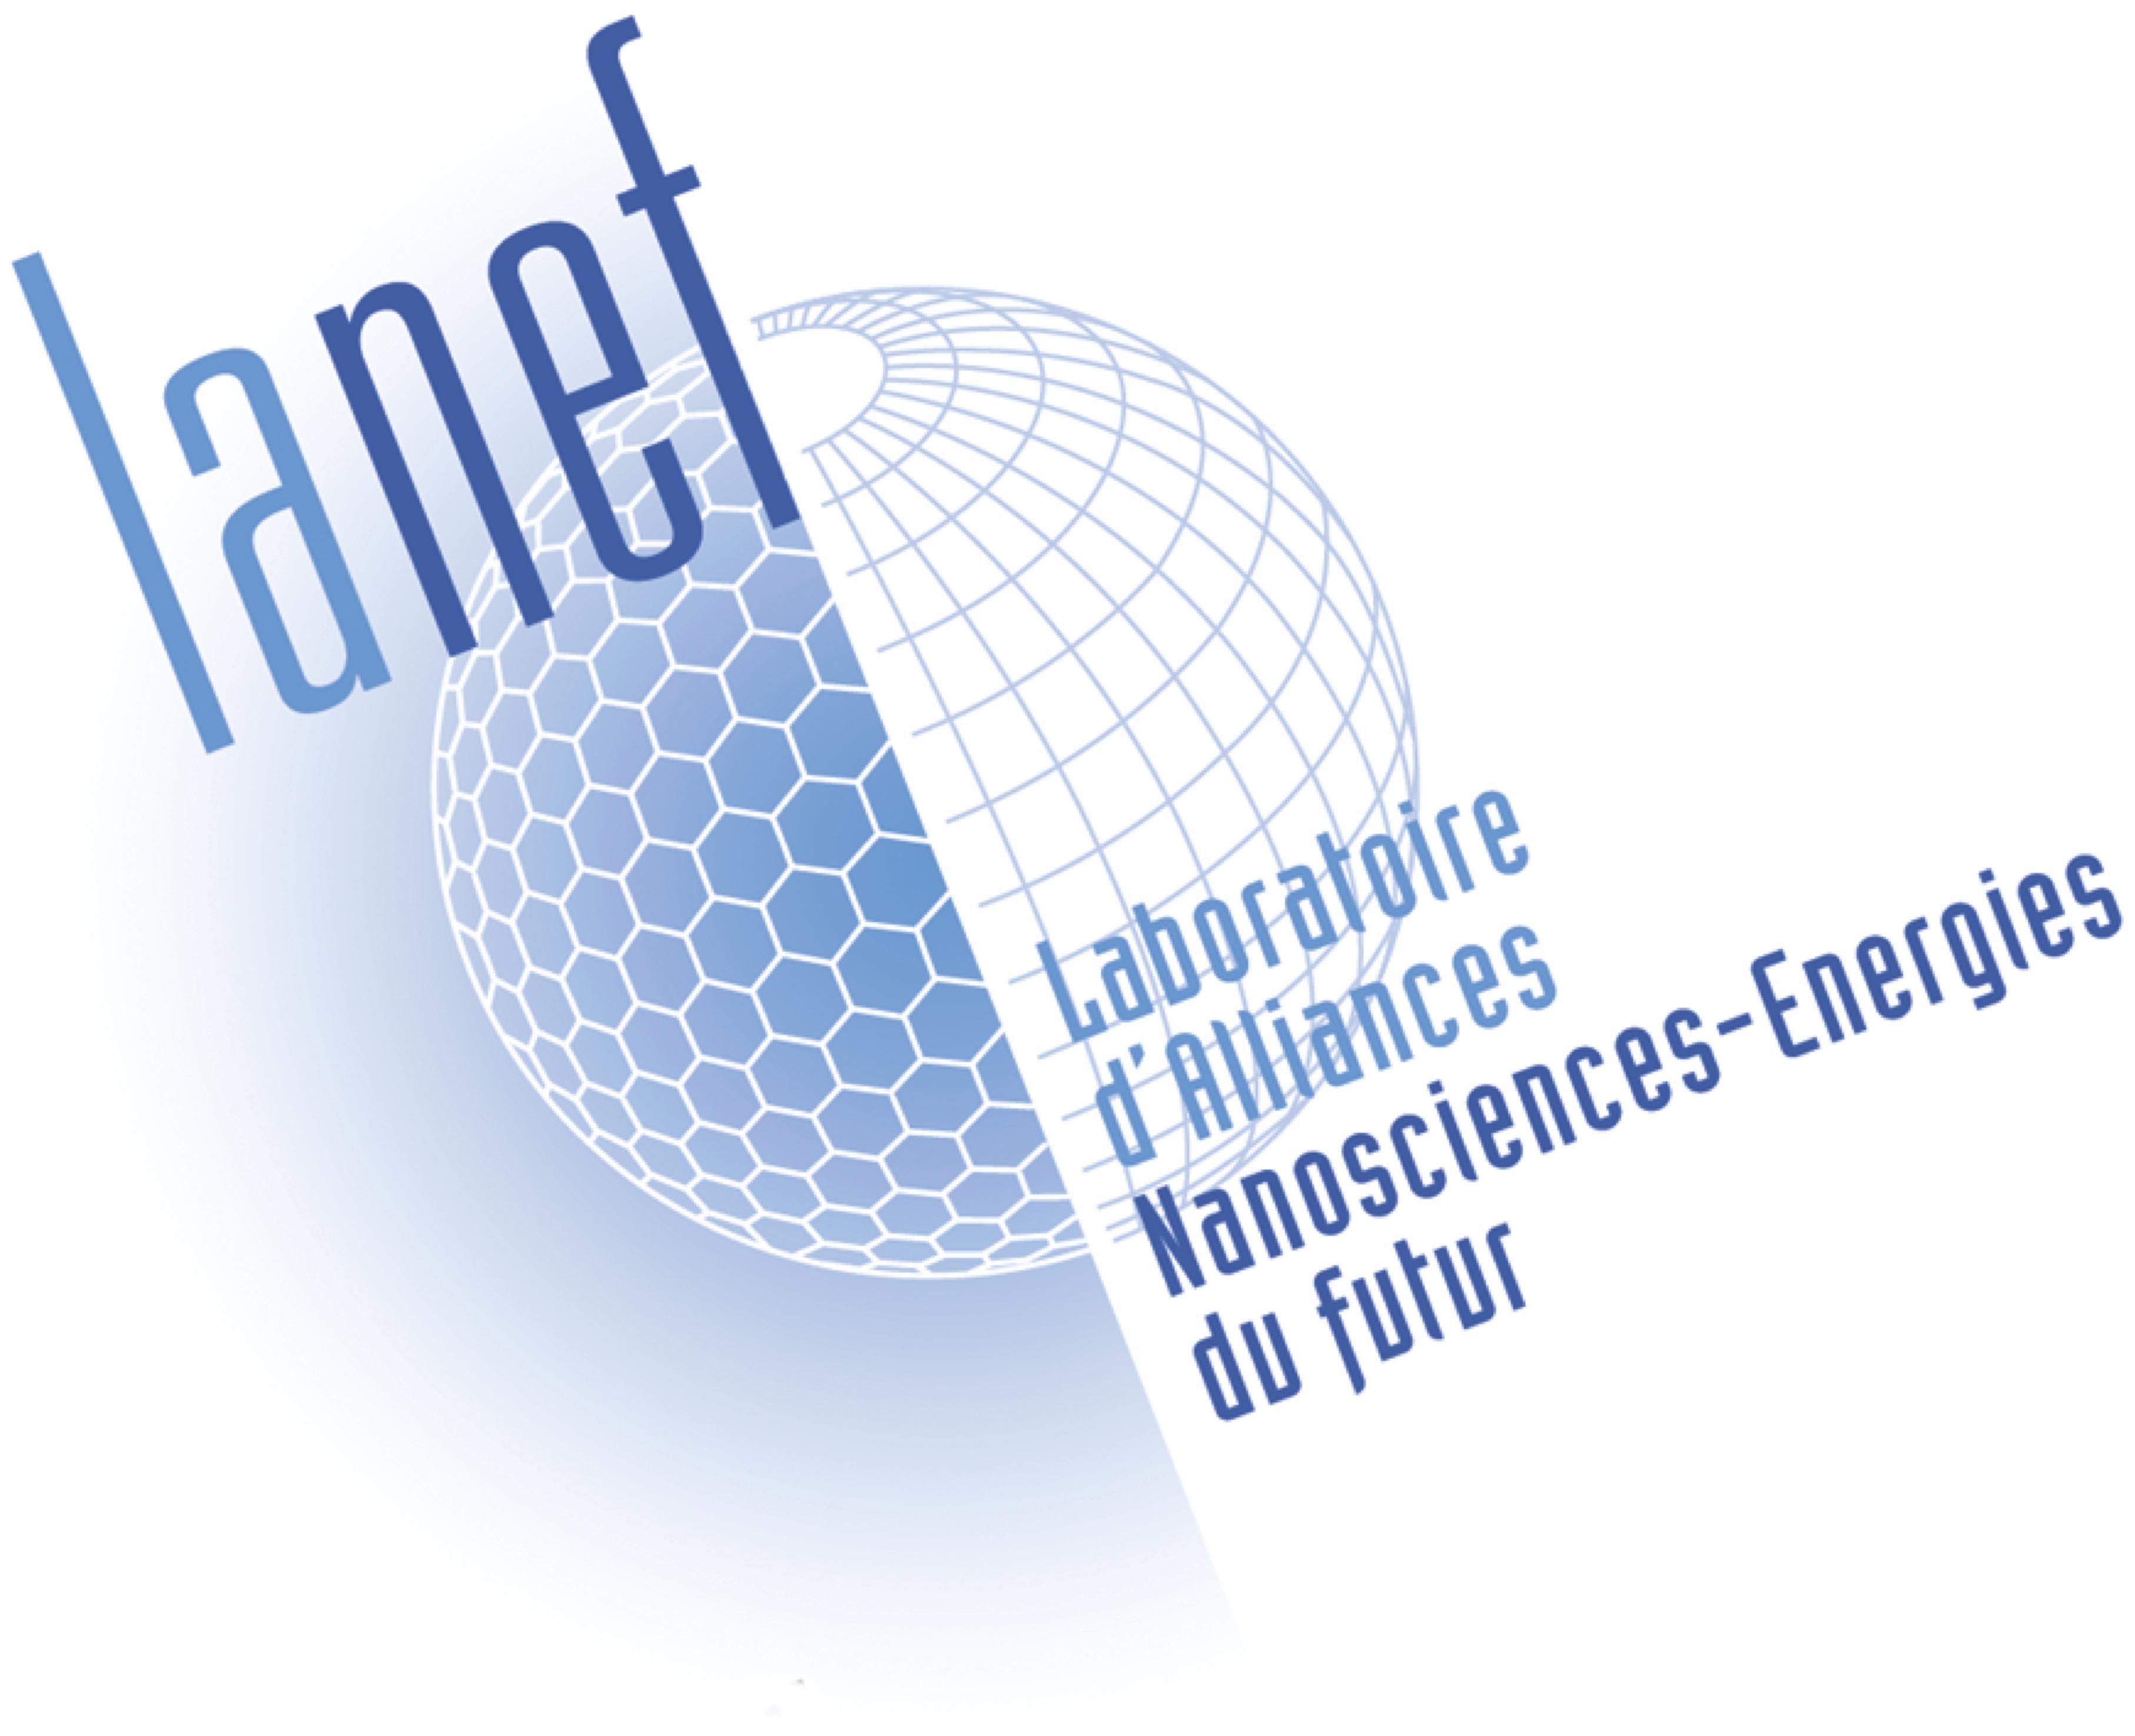 Laboratoire d'Alliances Nanosciences-Energie du Futur